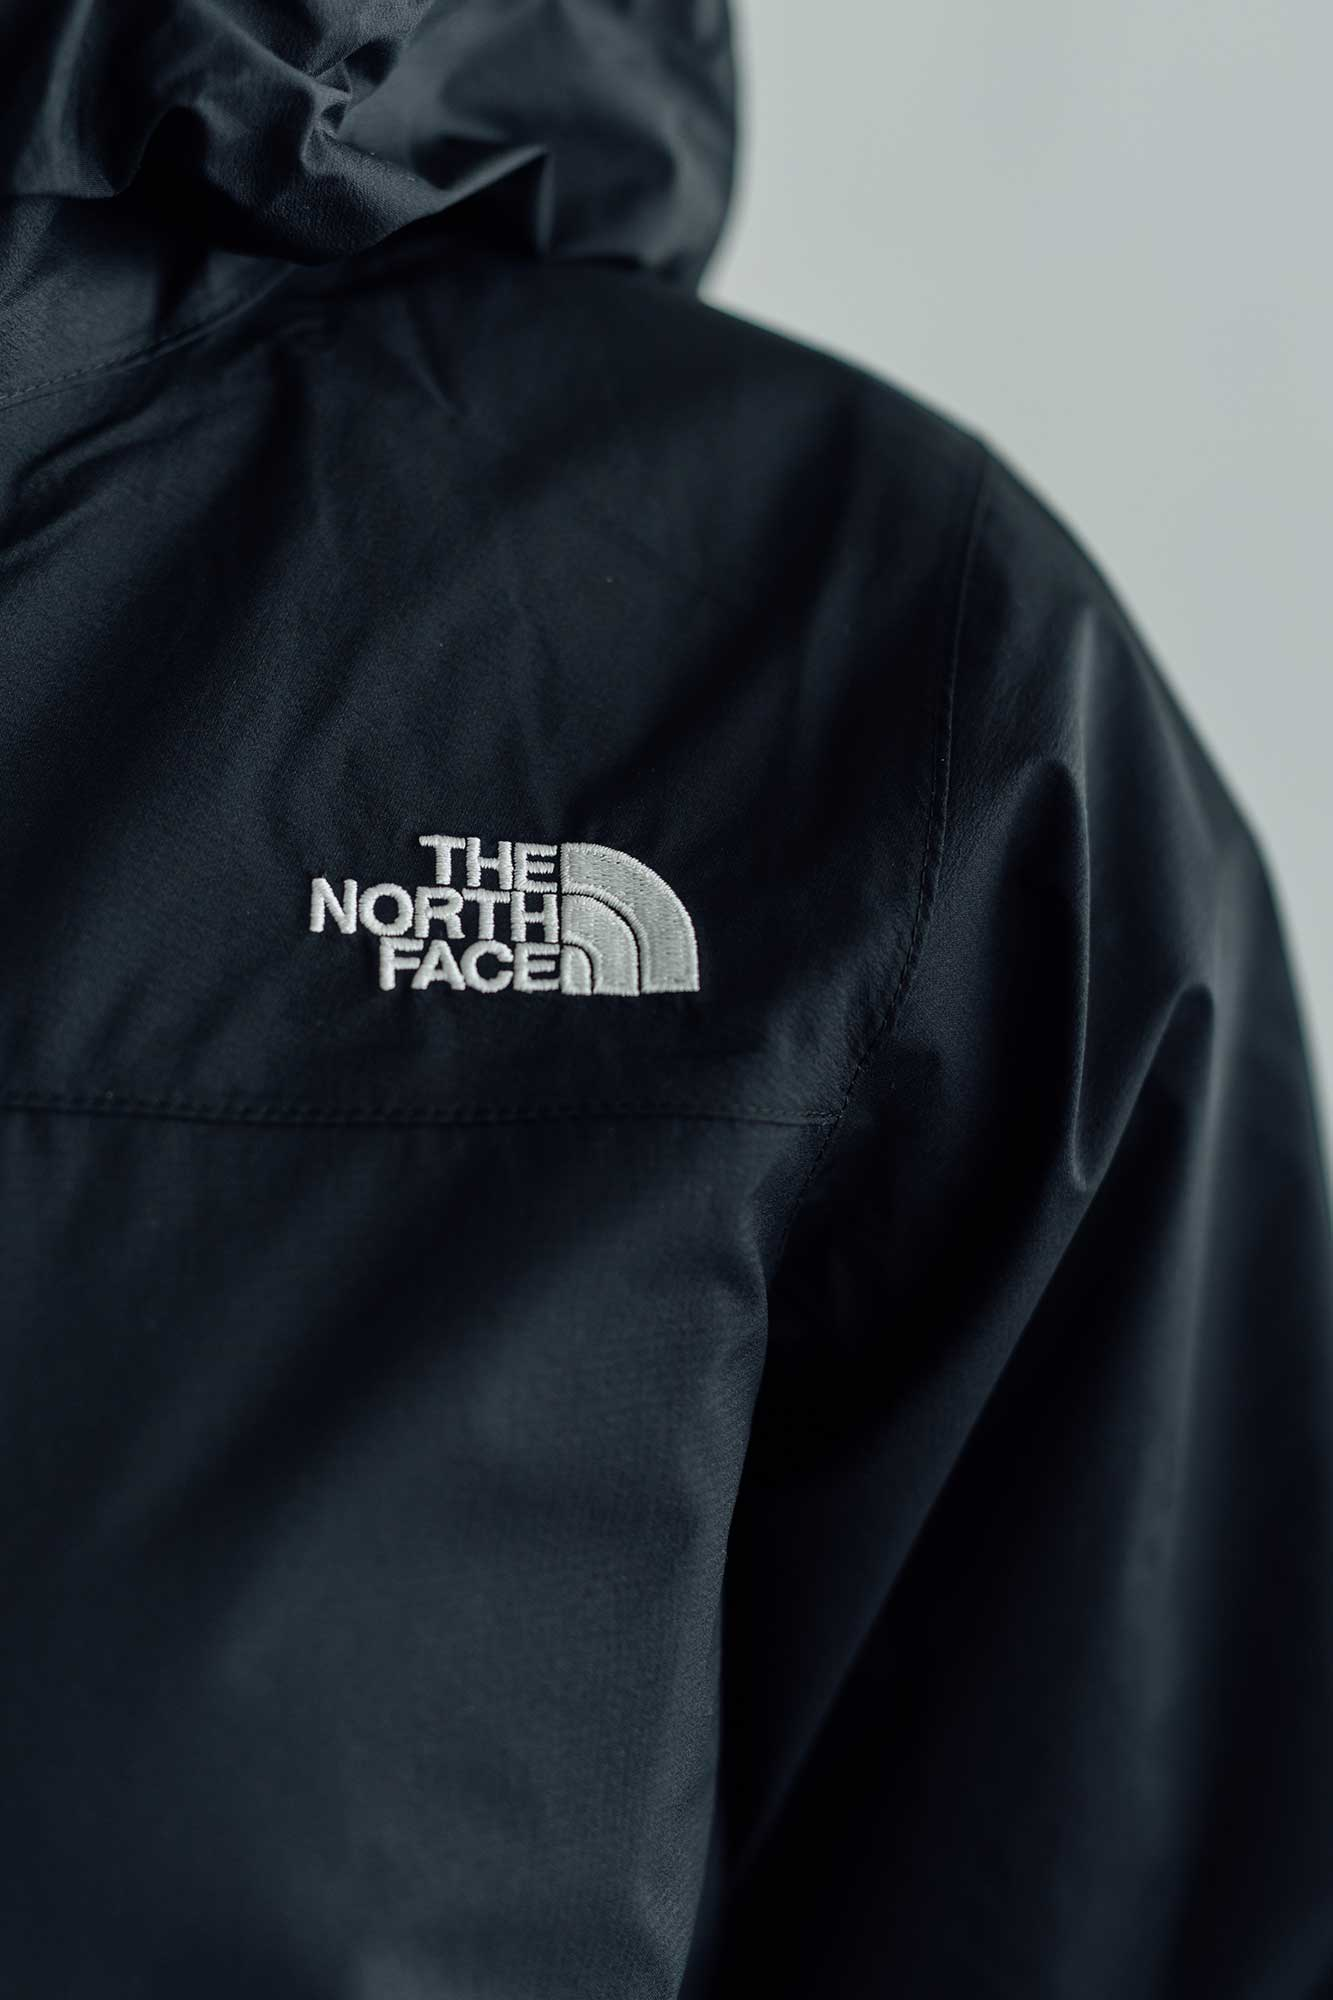 THE NORTH FACE ベンチャージャケット レディース